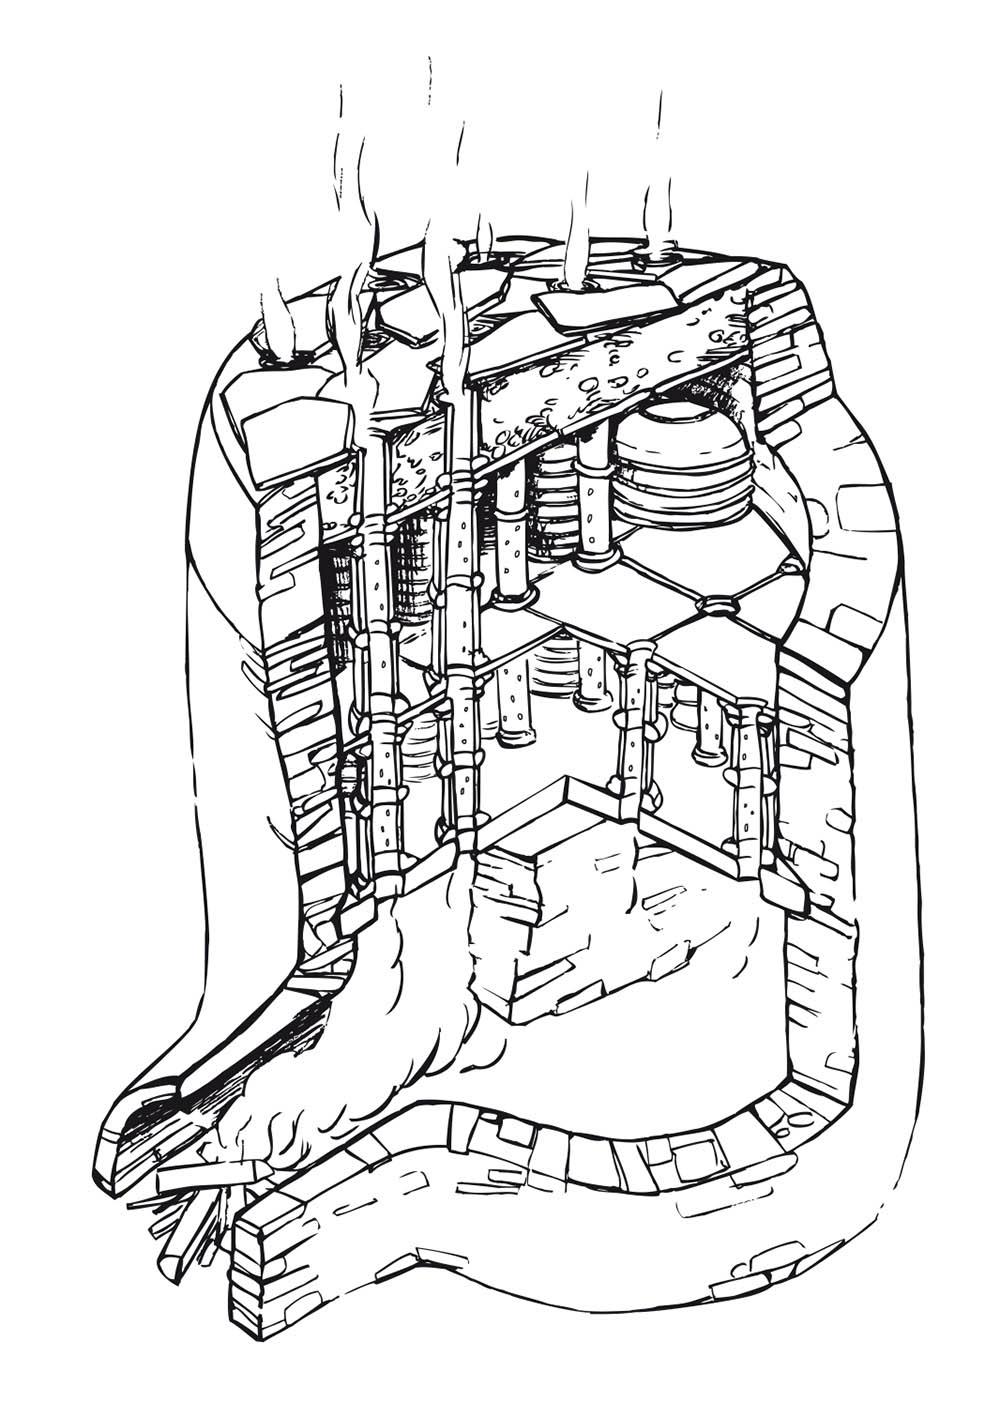 Zeichnung römischer Töpferofen